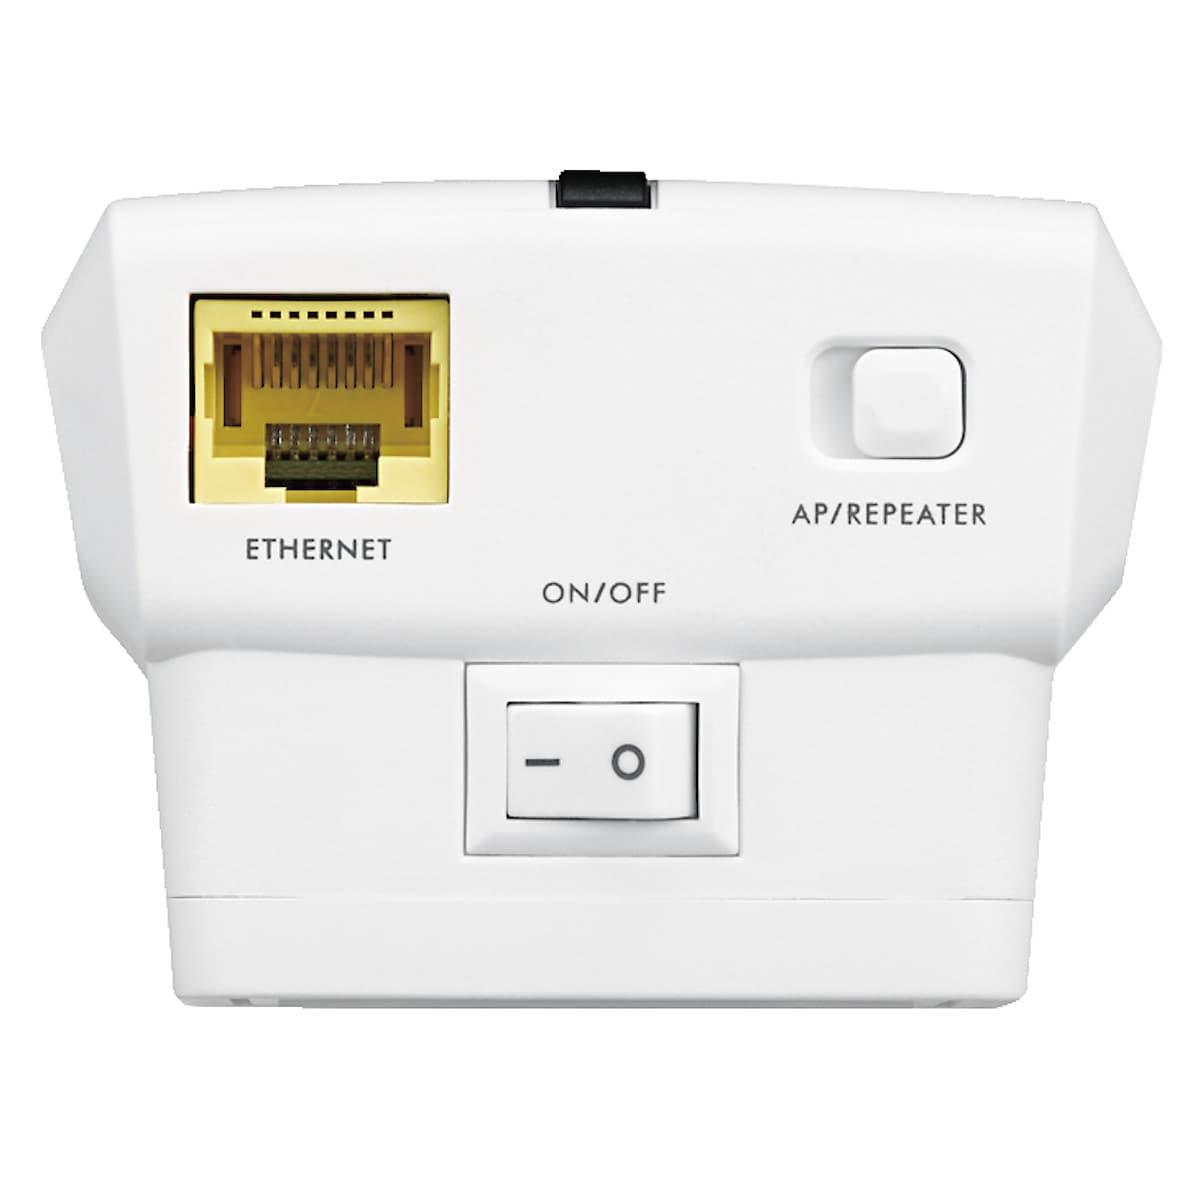 Exibel WRE6505 AC-WiFi-repeater